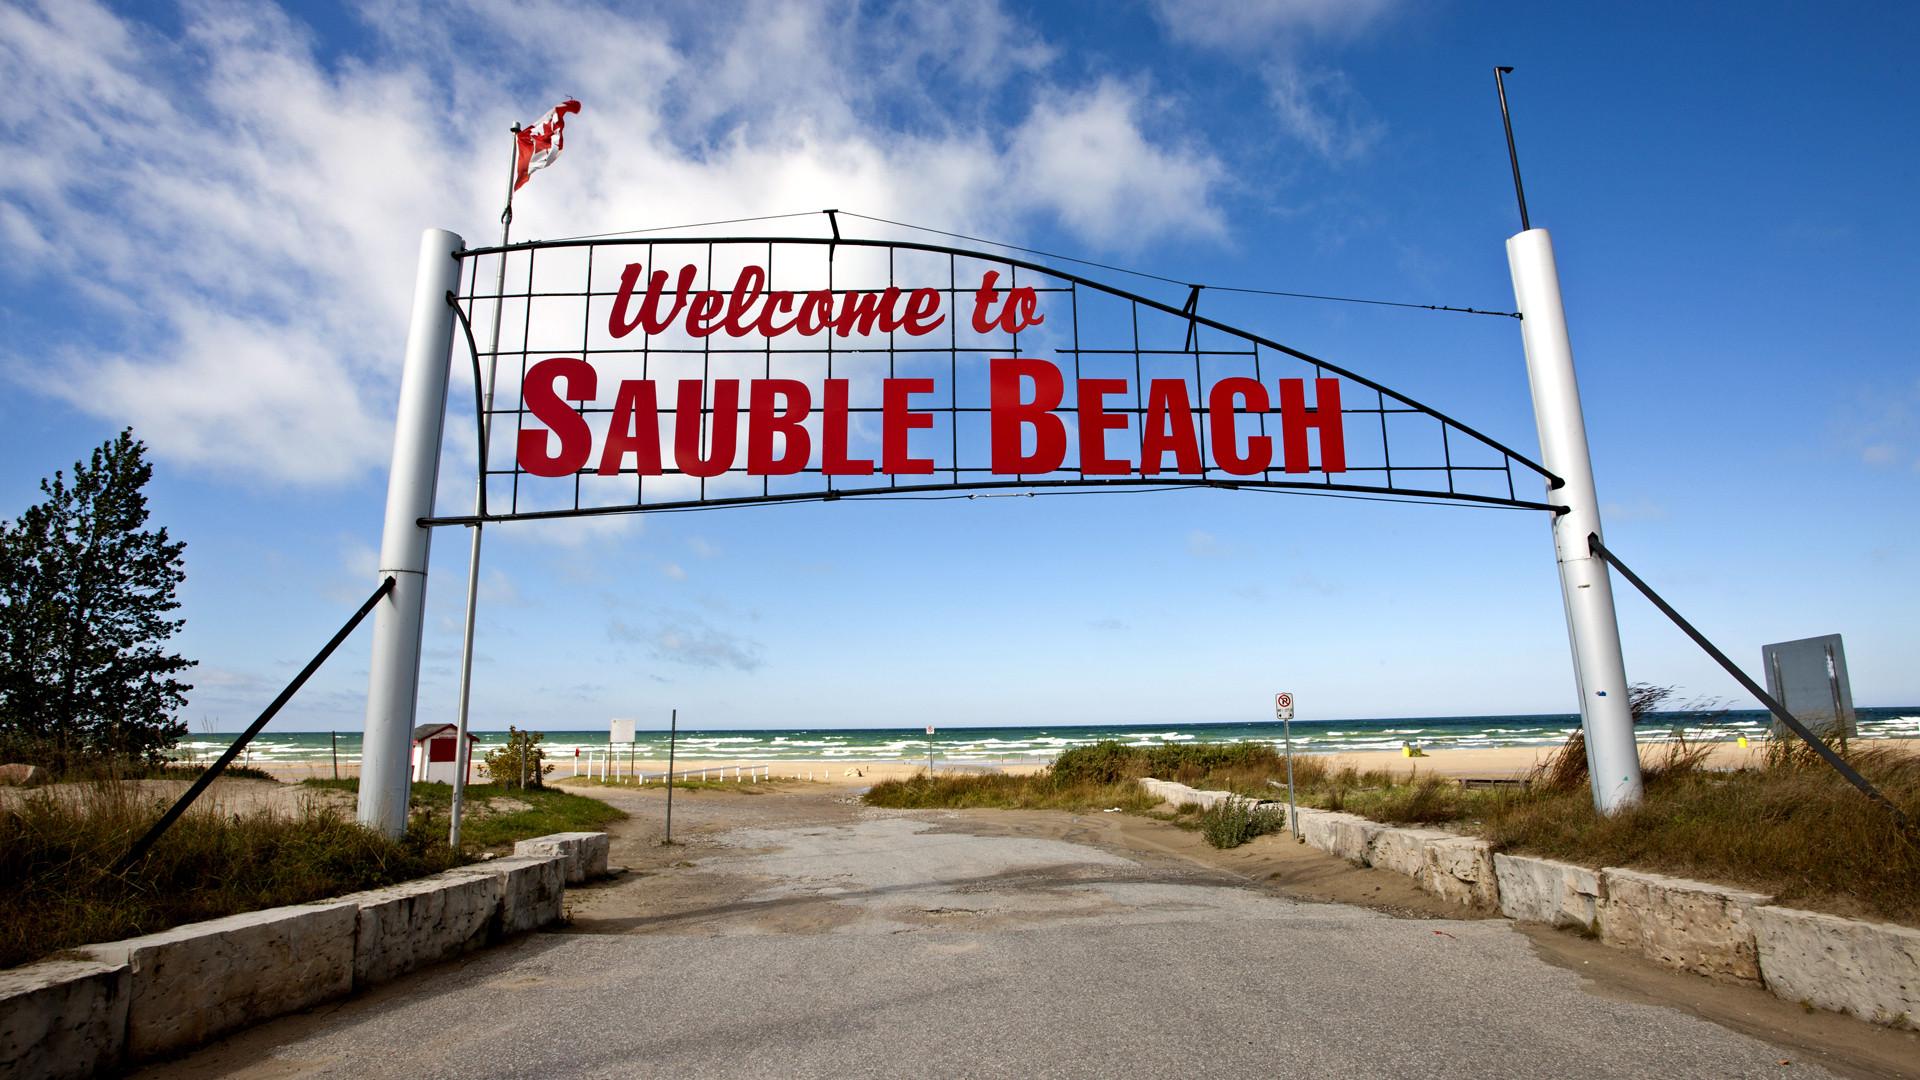 Breathtaking Ontario beaches | A retro sign in Sauble Beach